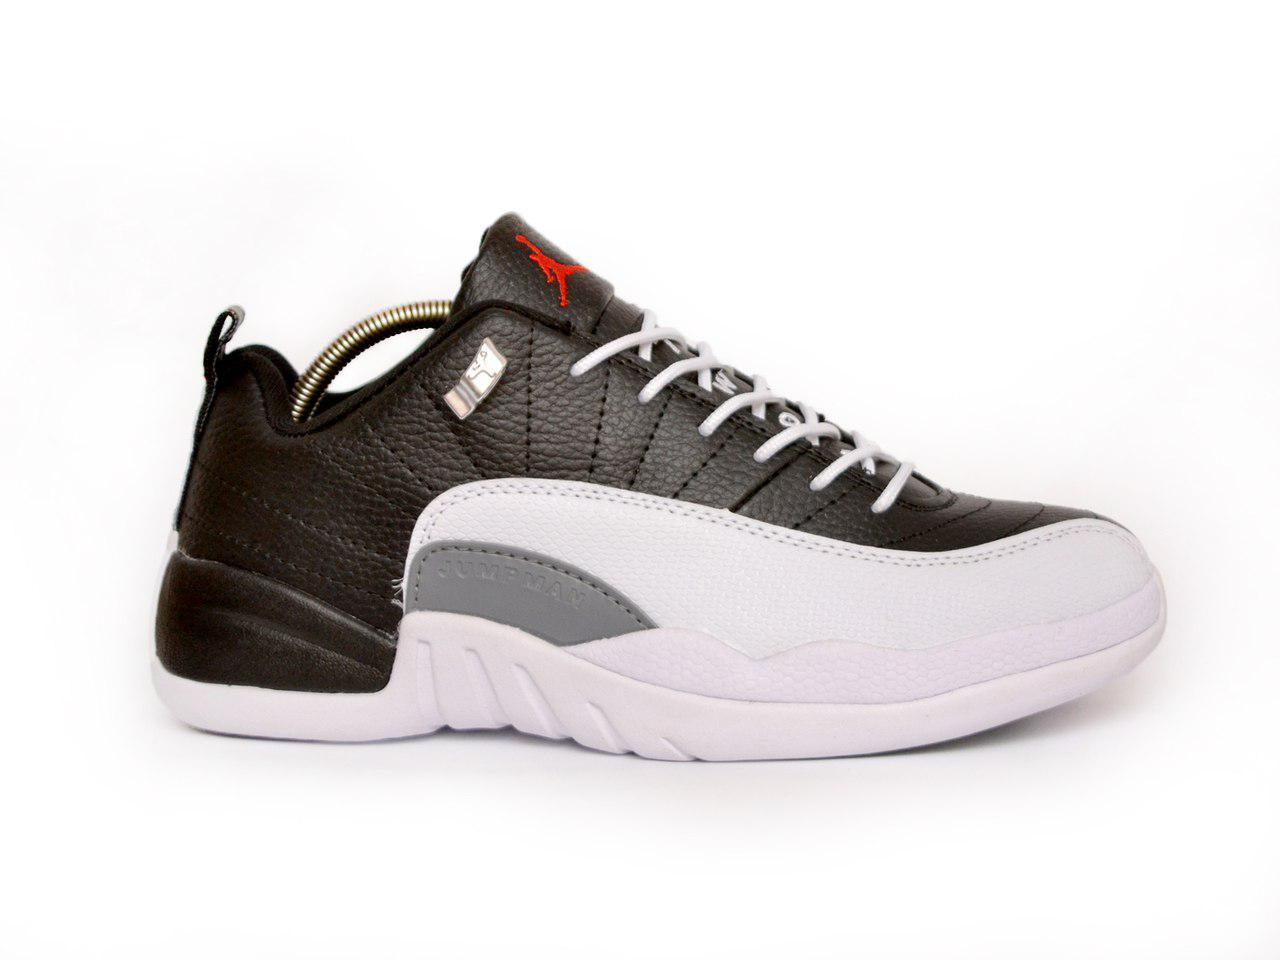 Мужские кроссовки Nike Jordan Retro 12 Low, Реплика